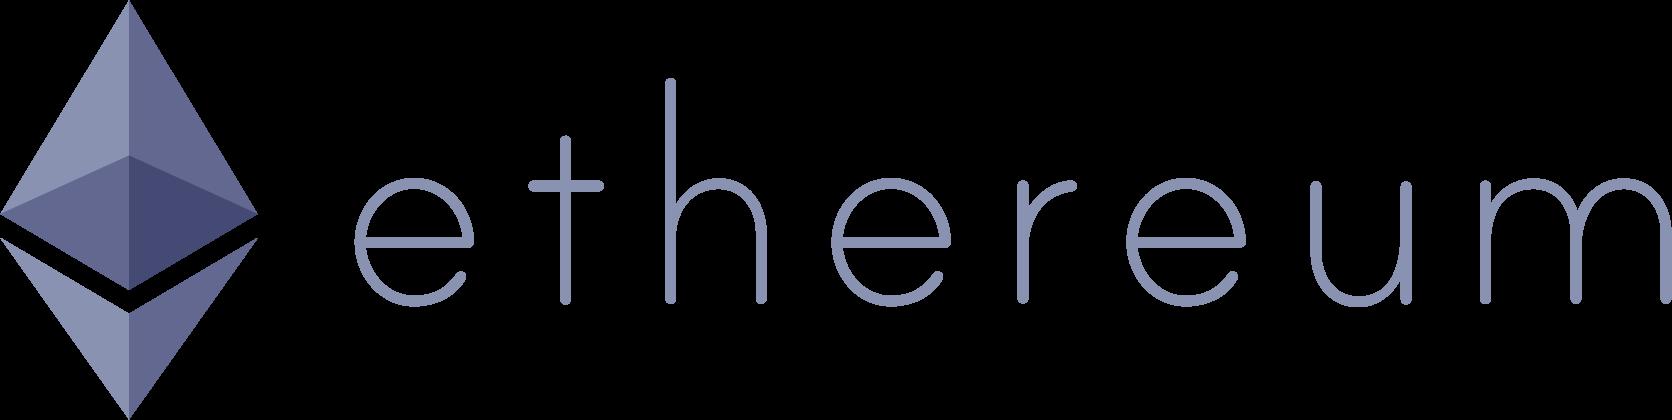 ETHEREUM_NAV-BAR-LOGO.png